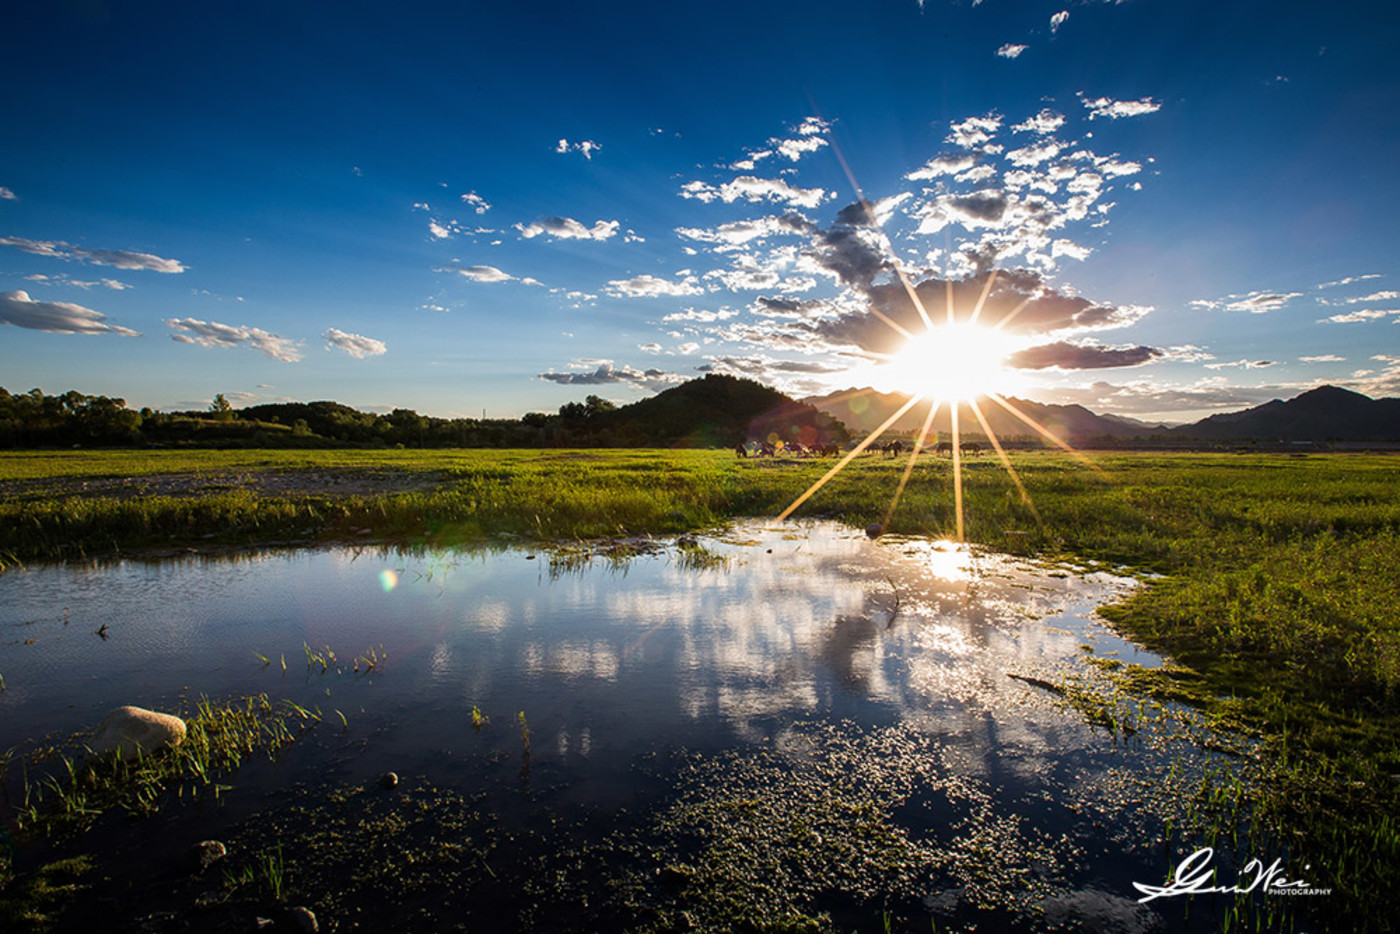 夏日的夕阳23